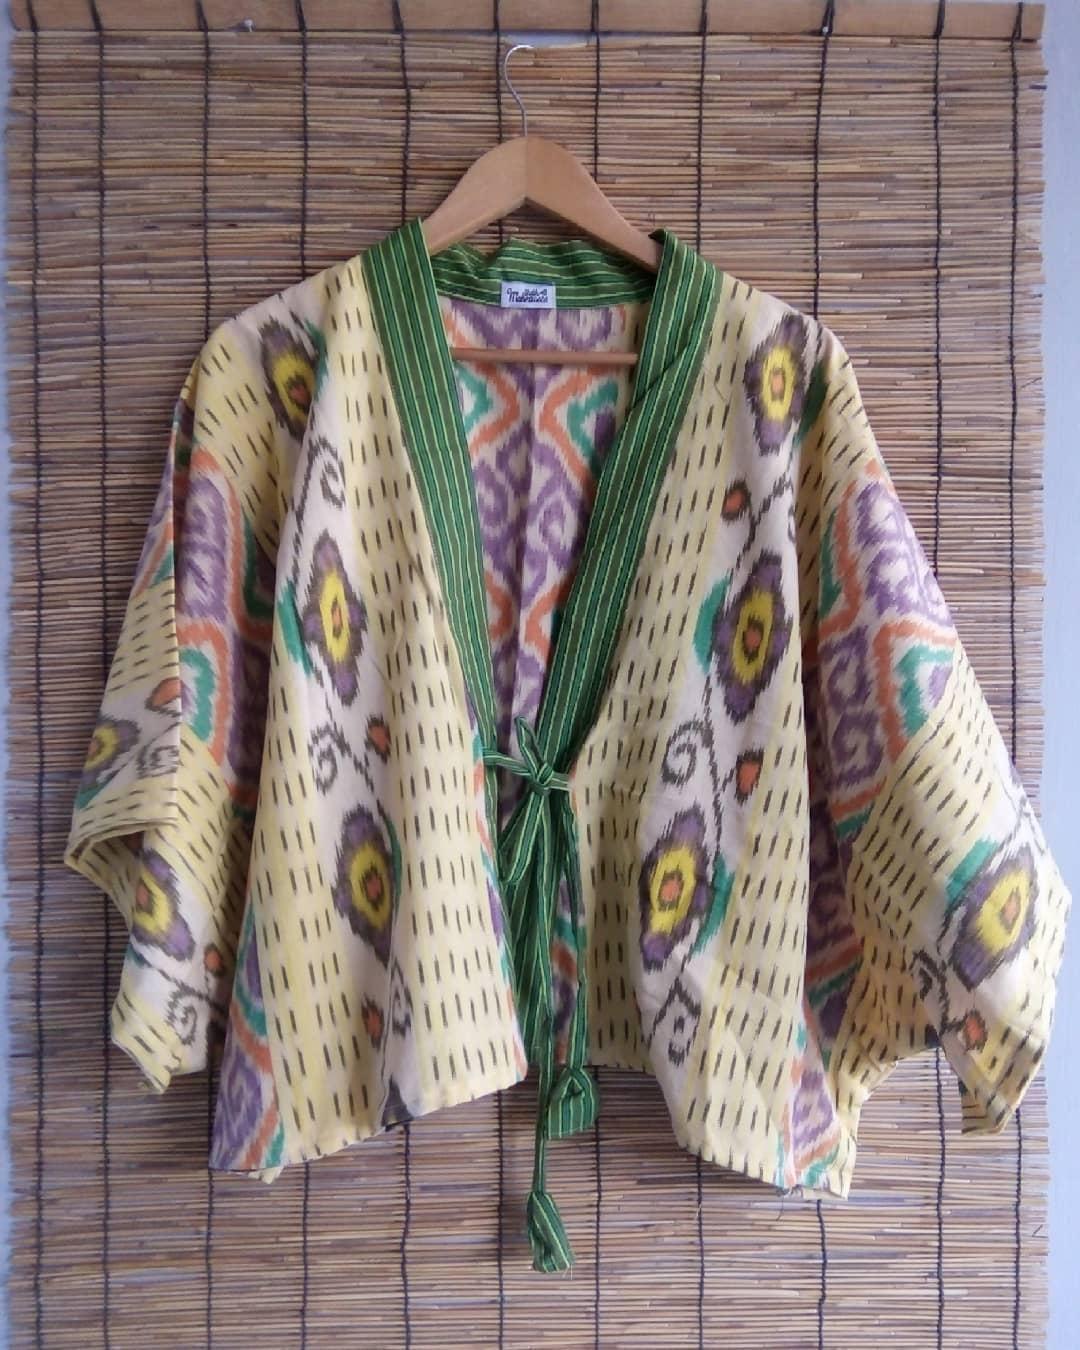 Gambar Desain Baju Basket Motif Batik